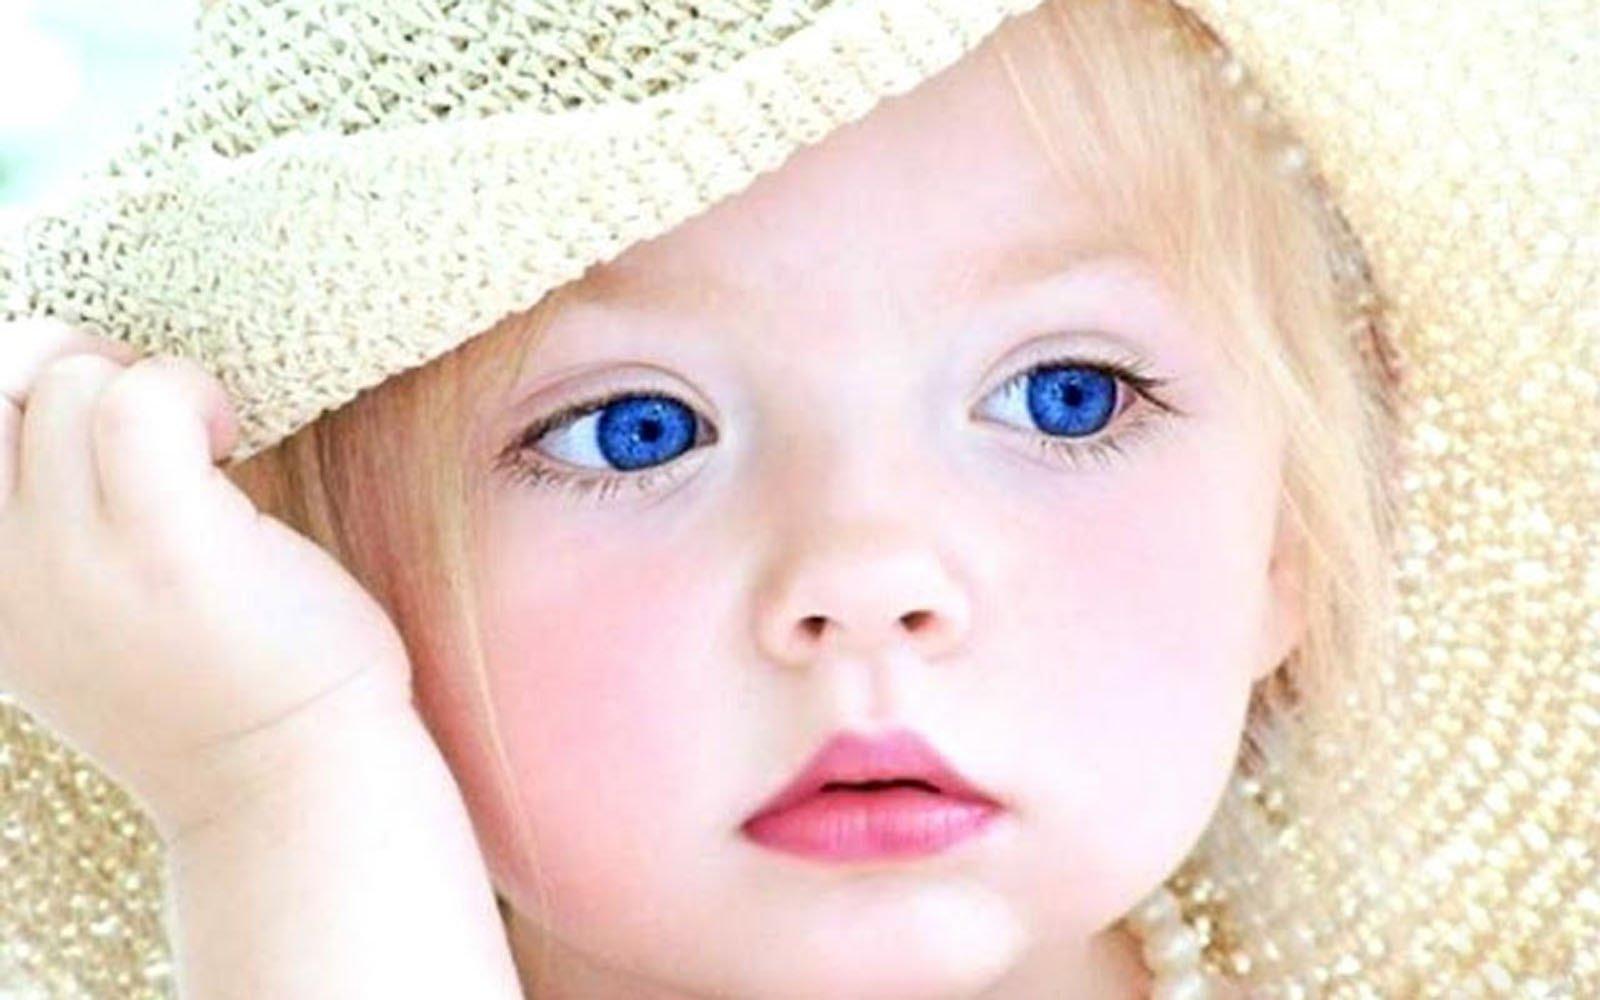 صور اجمل صور اطفال , صور جميلة للاطفال